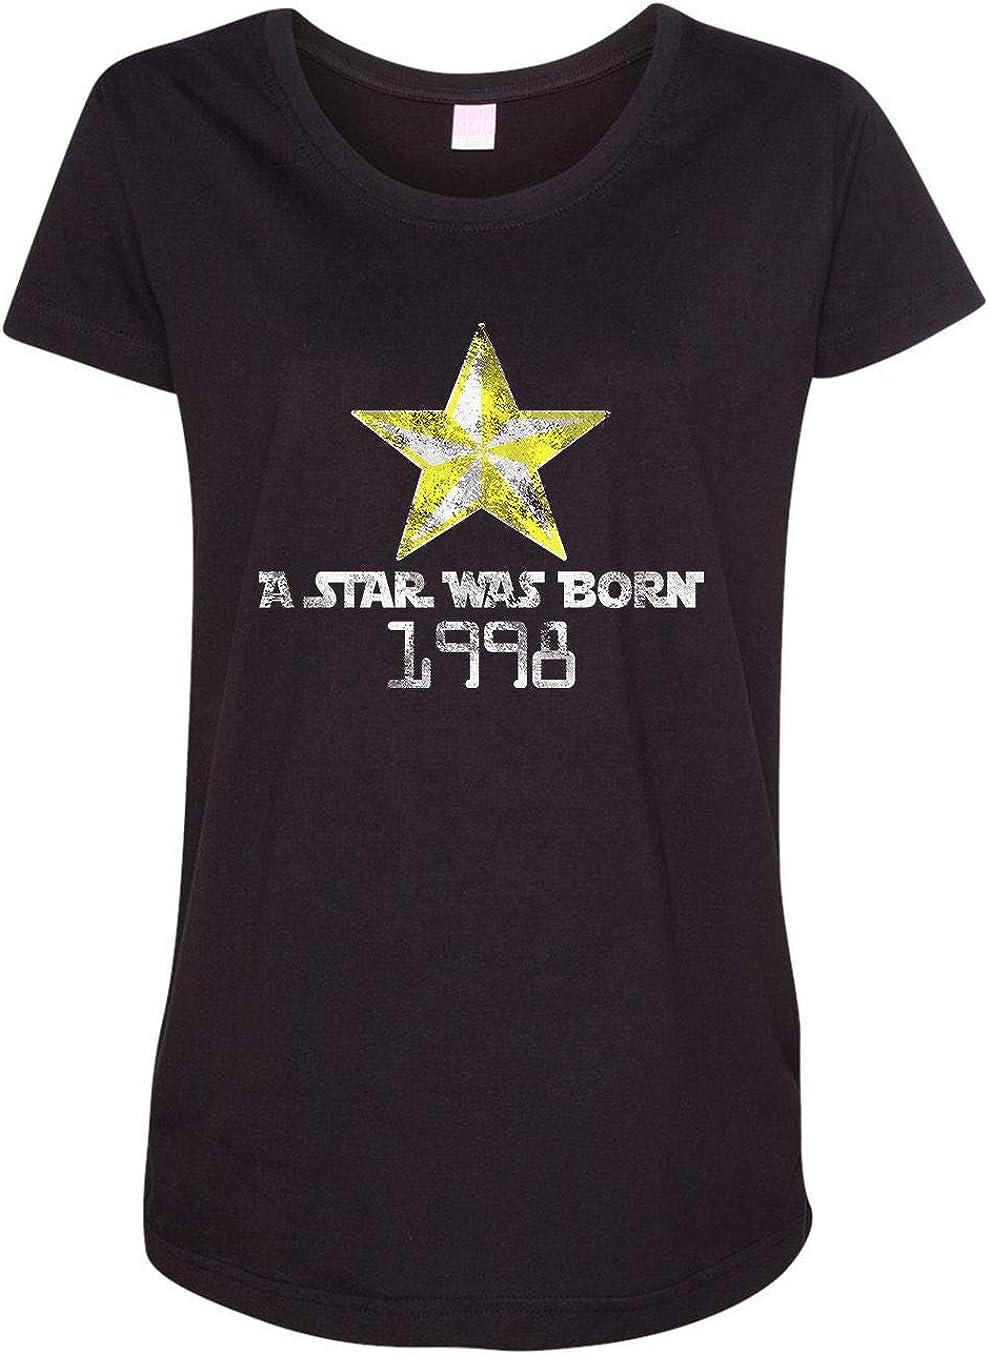 HARD EDGE DESIGN Women's A Star was Born 1998 T-Shirt